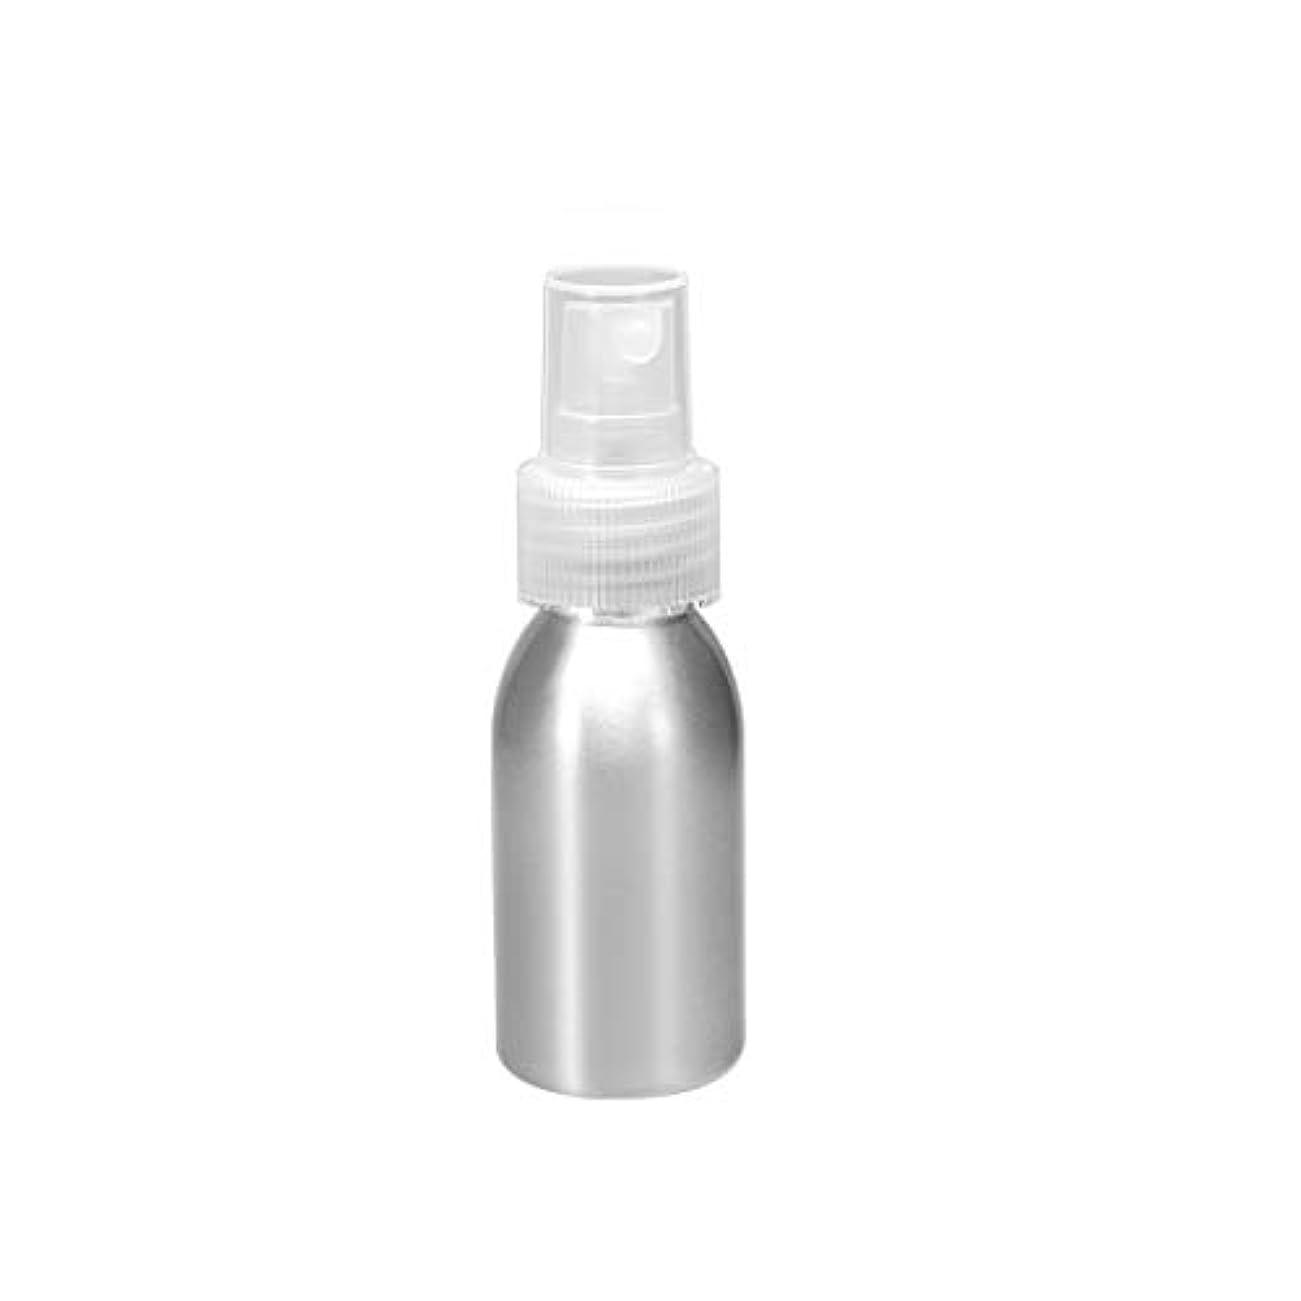 鎮痛剤放射する伝統的uxcell アルミスプレーボトル クリアファインミストスプレー付き 空の詰め替え式コンテナ トラベルボトル 1oz/30ml